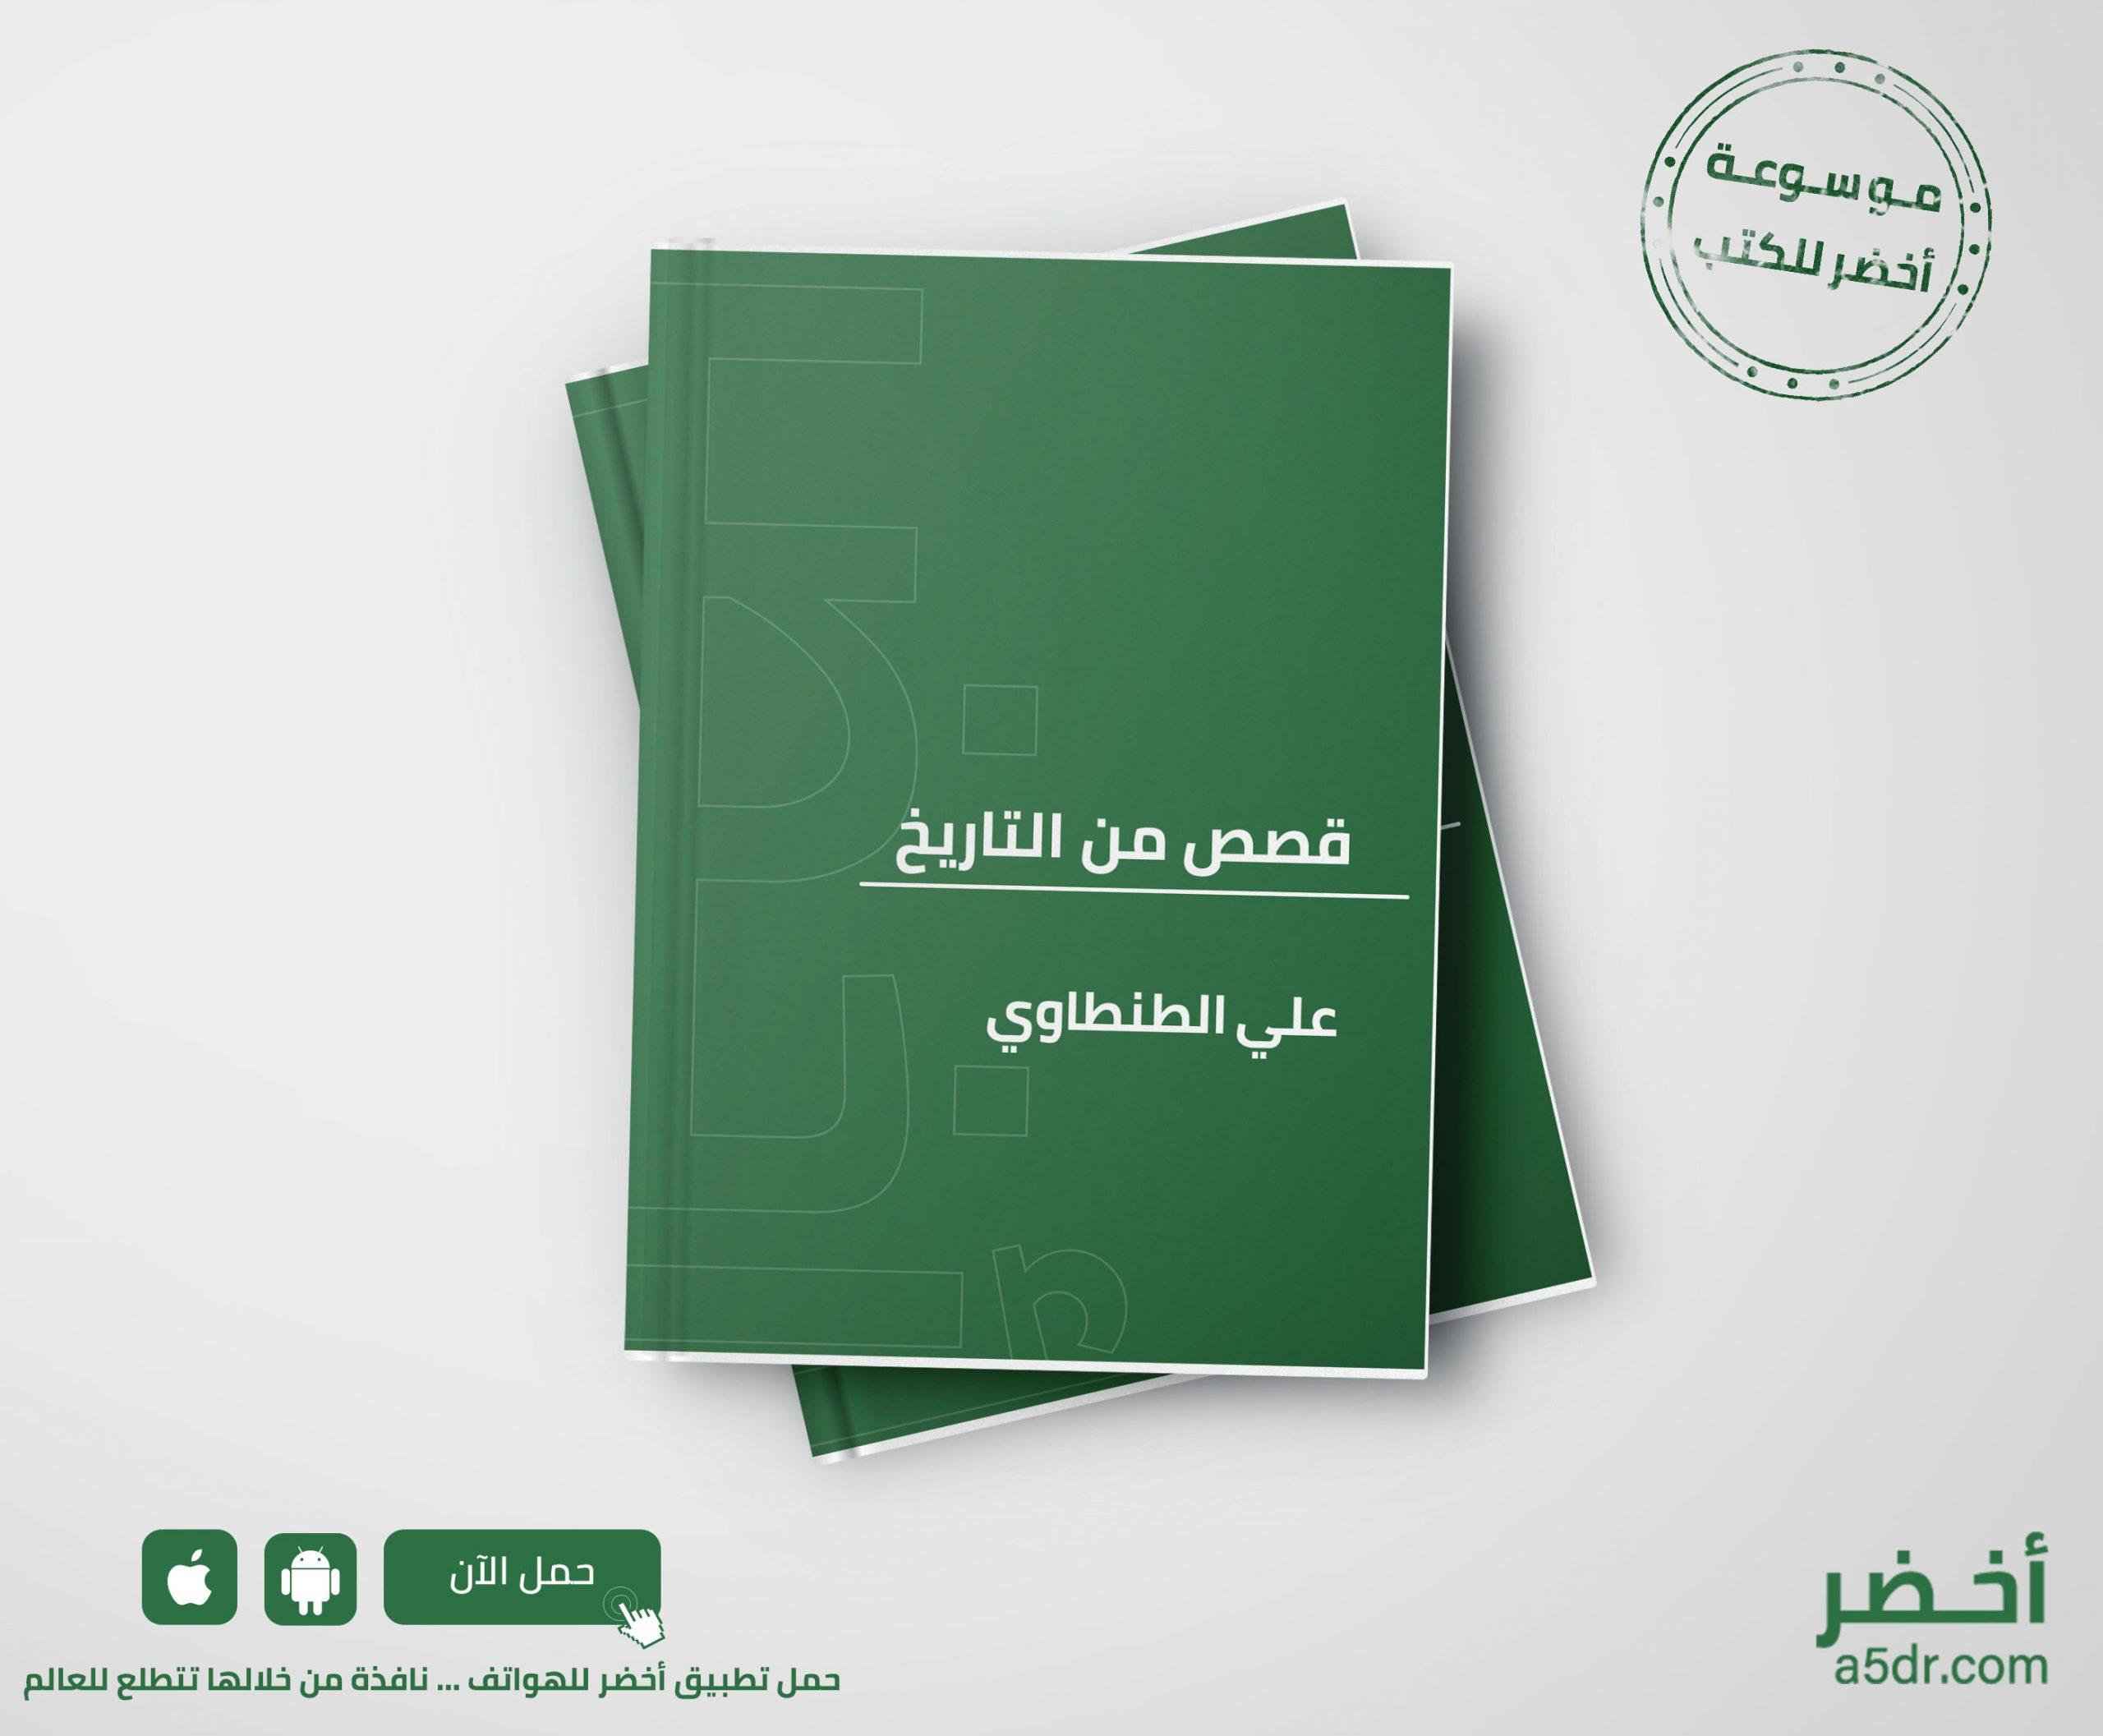 كتاب قصص من التاريخ - علي الطنطاوي